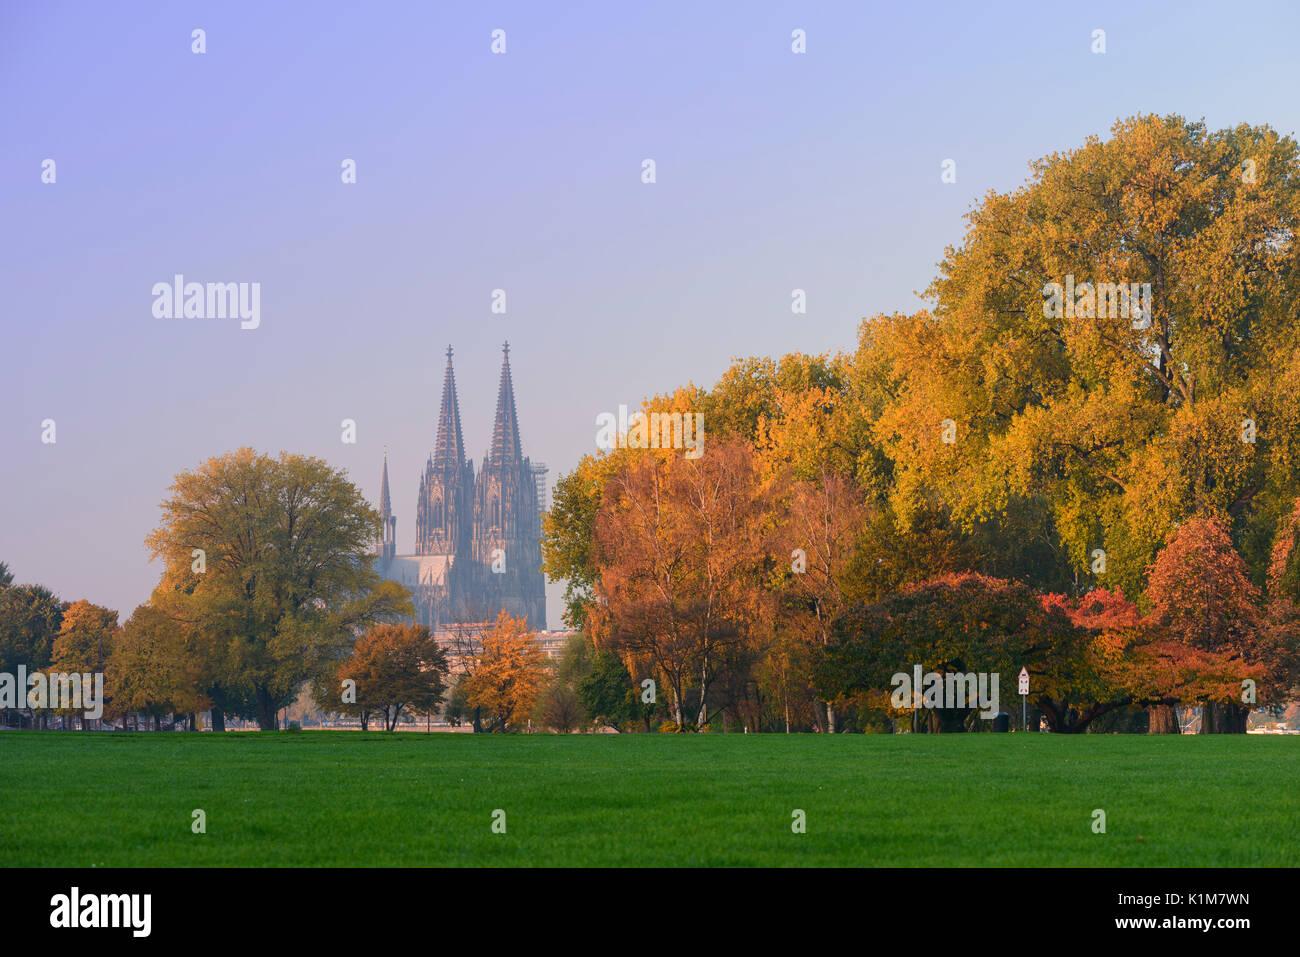 Rheinpark Im Herbst Vor Dem Kolner Dom Unesco Weltkulturerbe Nordrhein Westfalen Deutschland Stockfotografie Alamy